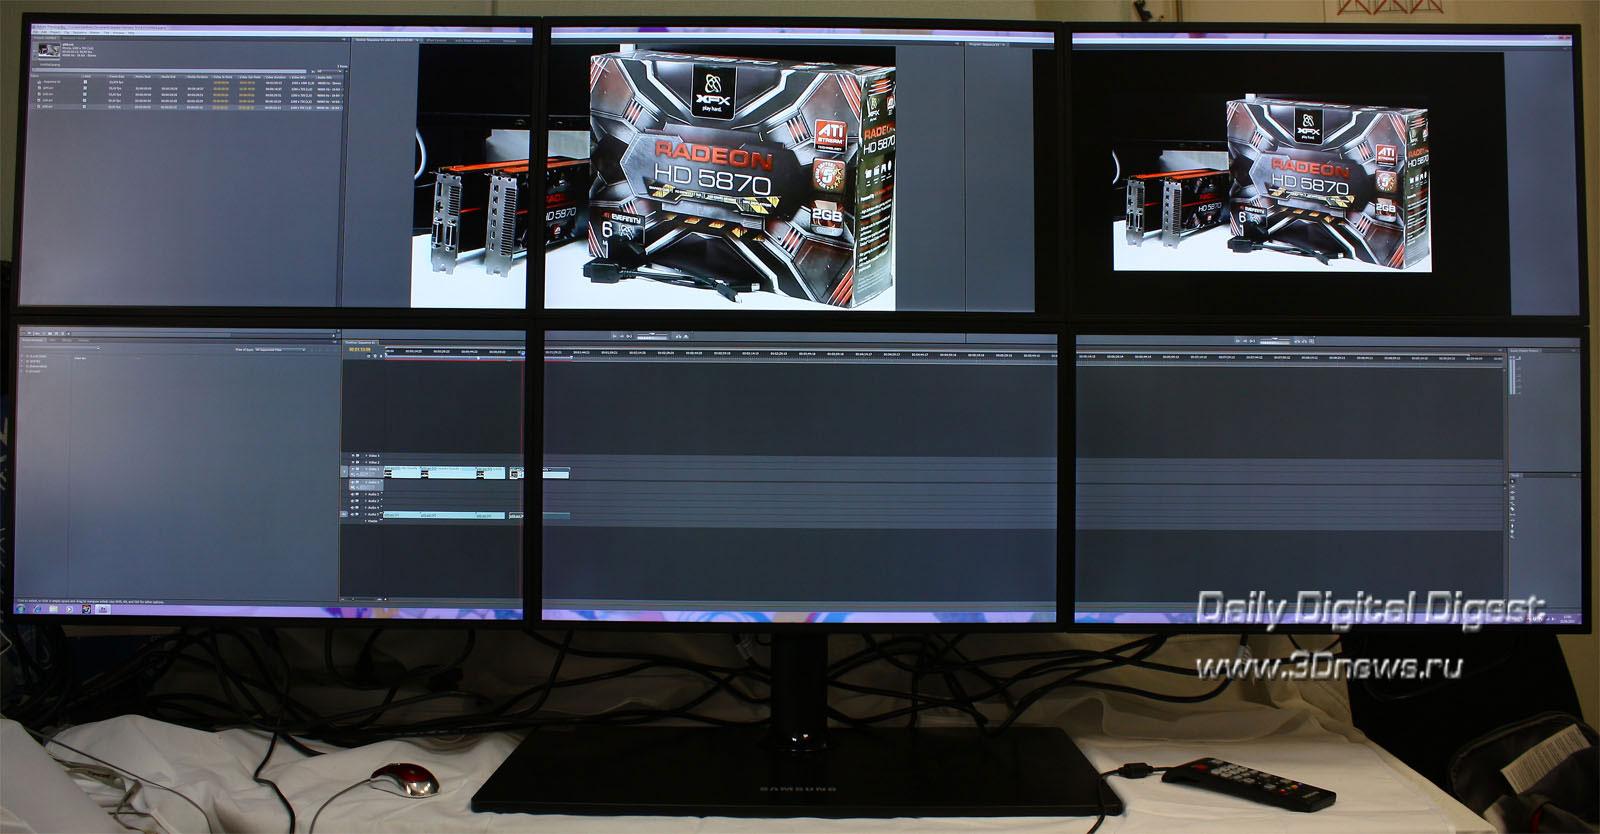 как развернуть изображение на весь экран монитора